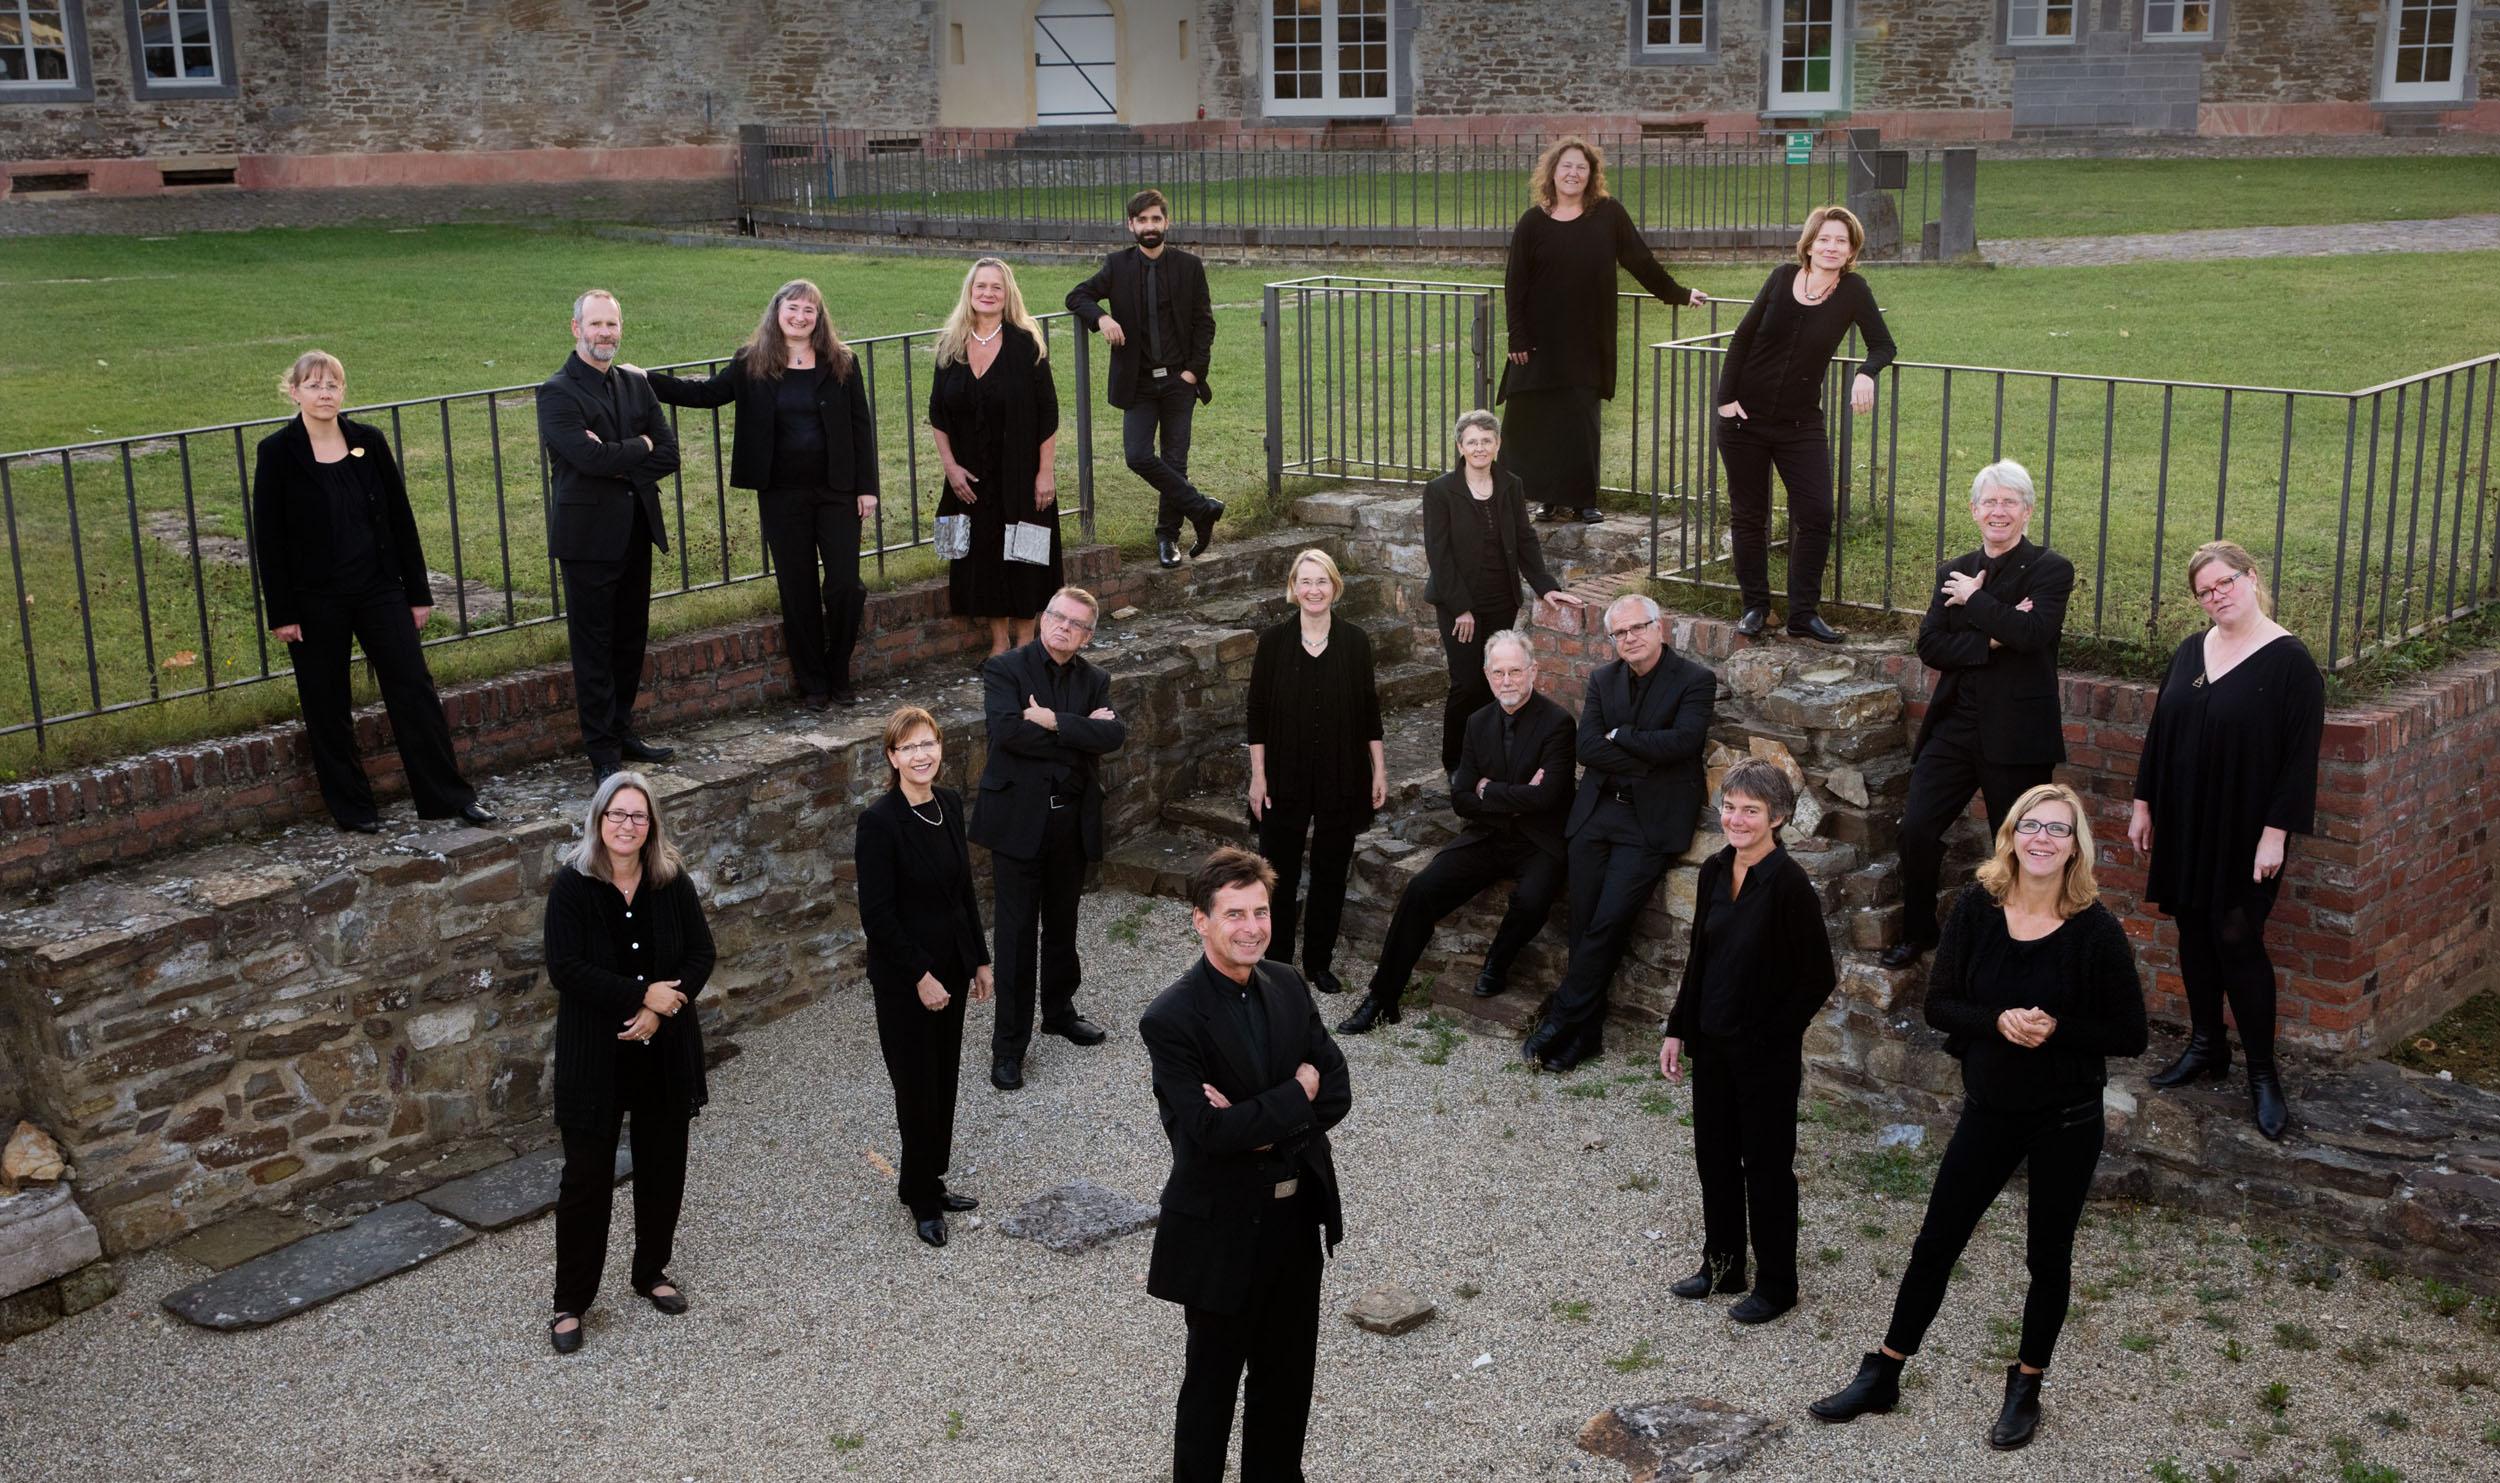 Herzlich willkommen bei Collegium Vocale